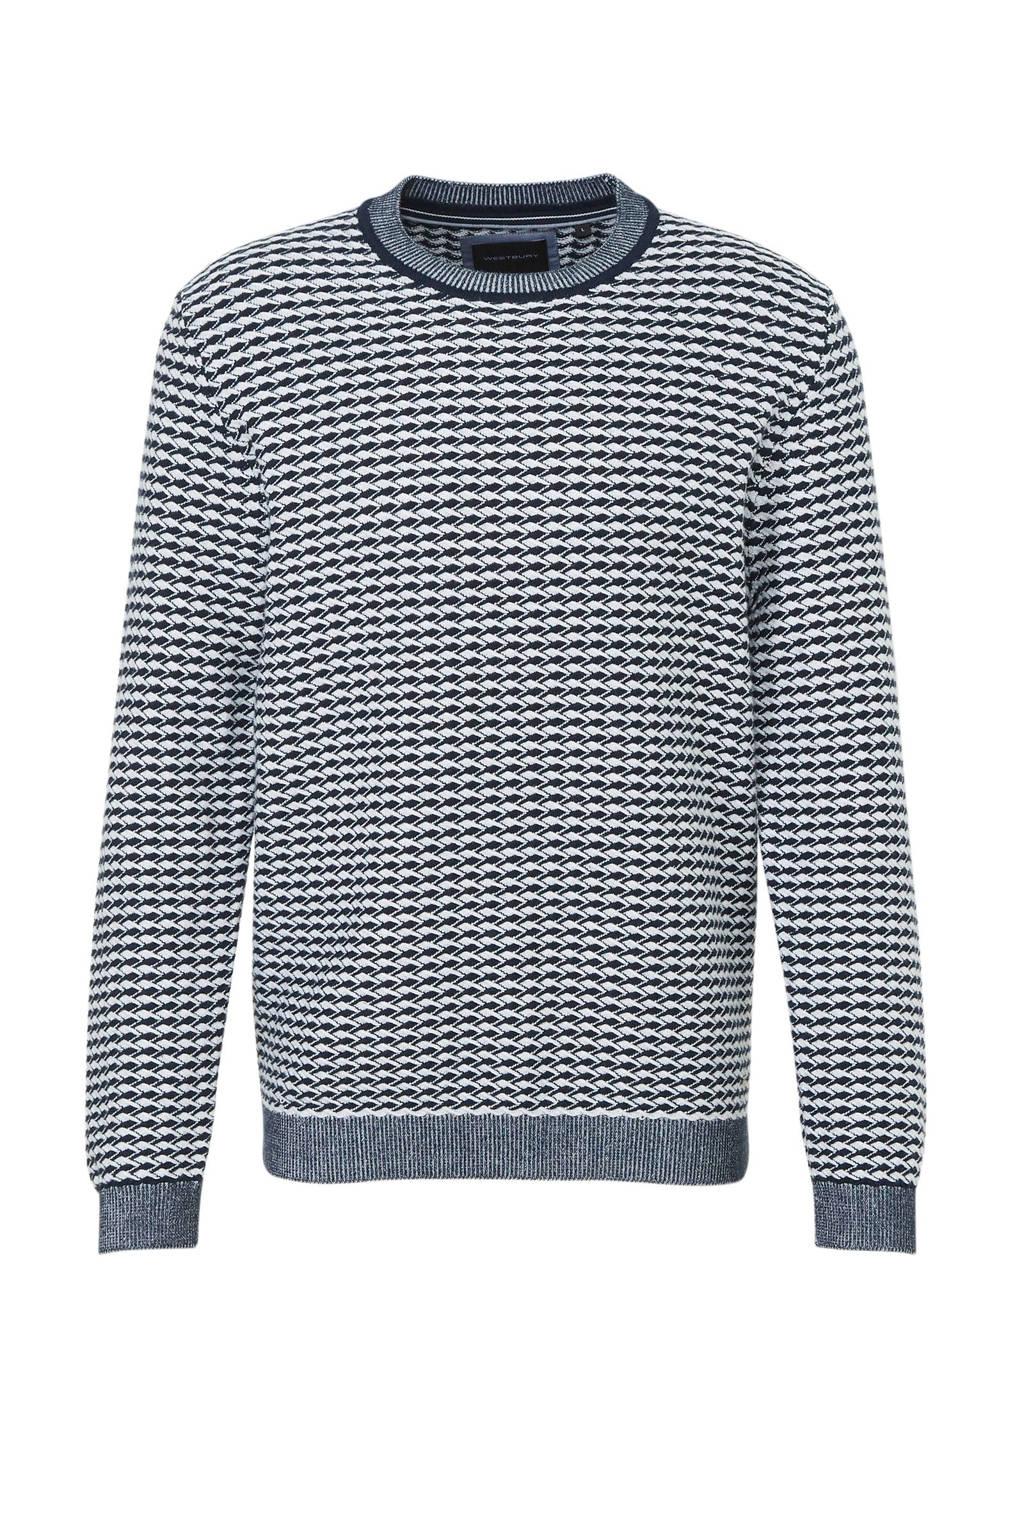 C&A gebreide trui met all over print blauw/wit, Blauw/wit